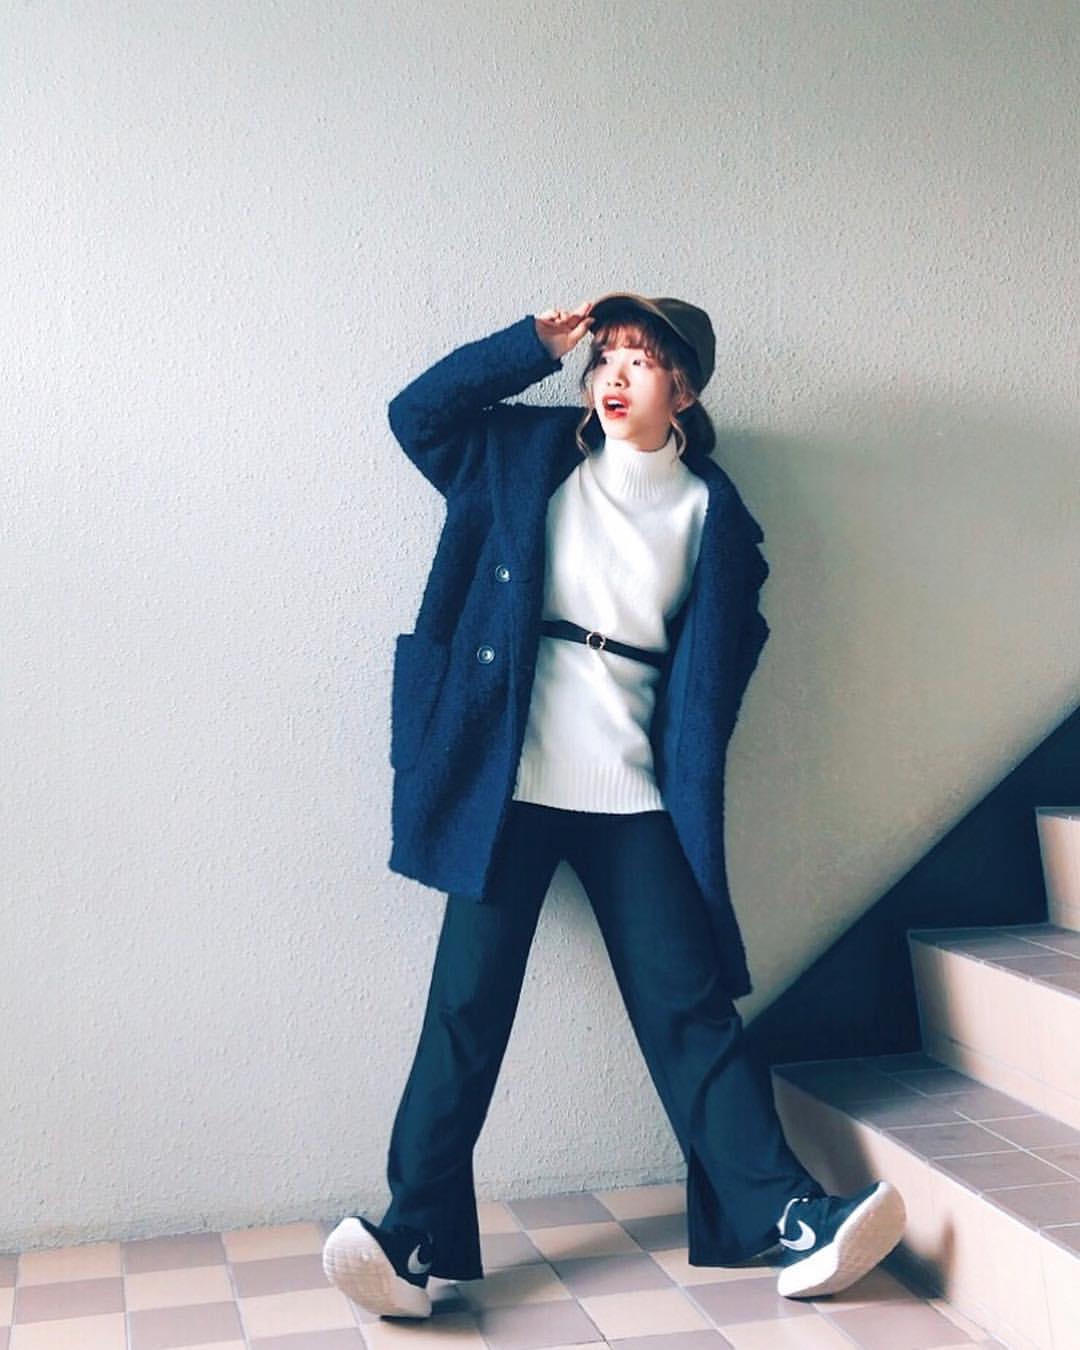 最高気温11度・最低気温1度 natsu_outfitsの服装